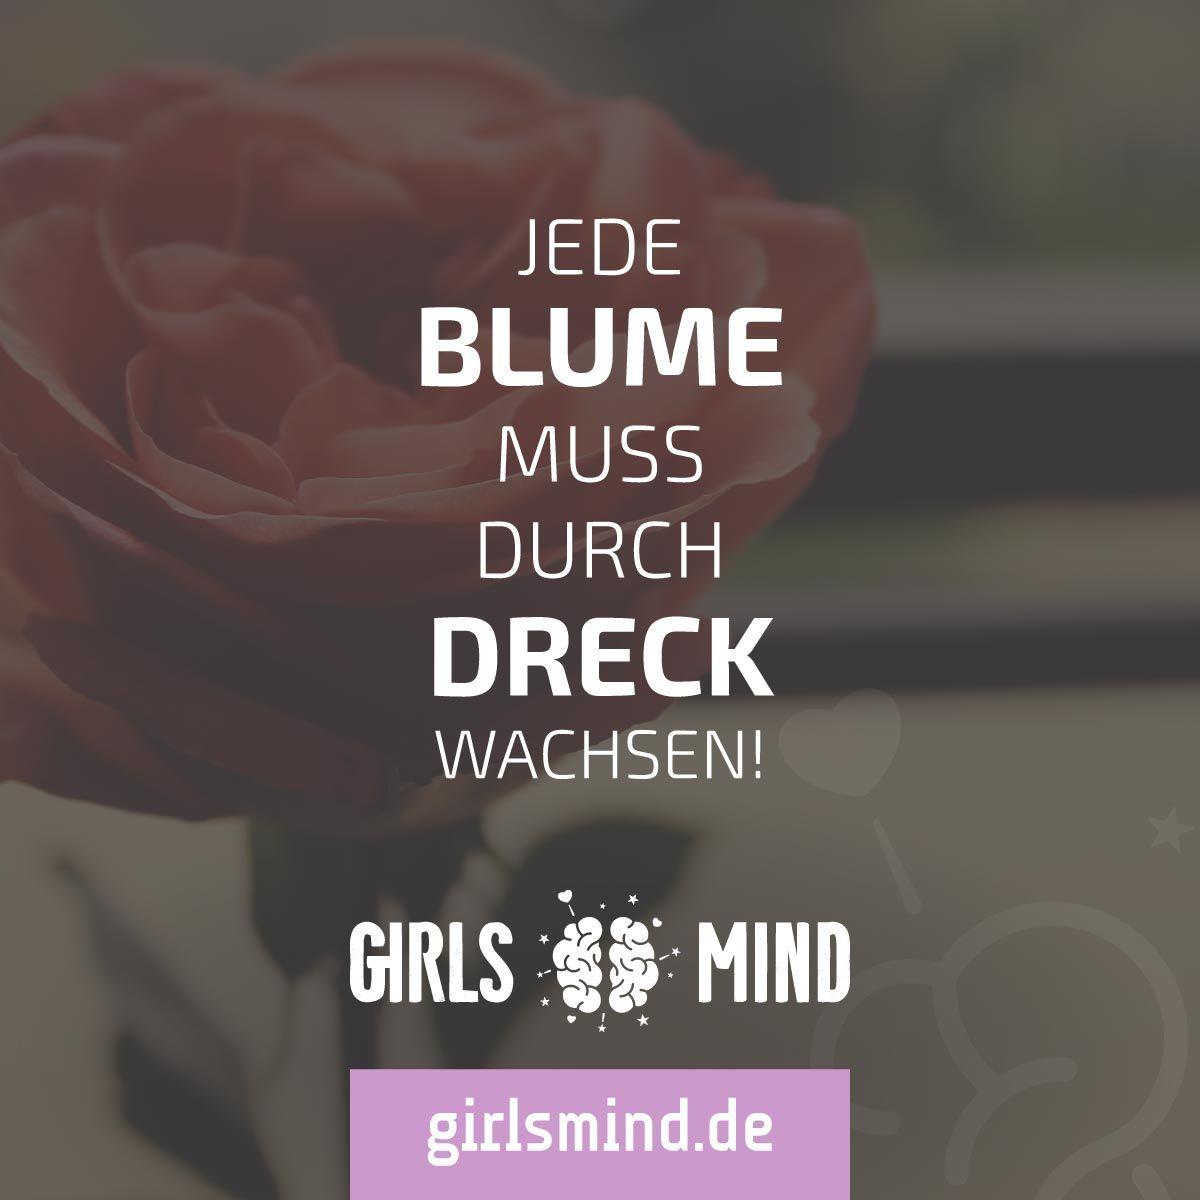 mehr sprüche auf: www.girlsheart.de #selbstbewusstsein